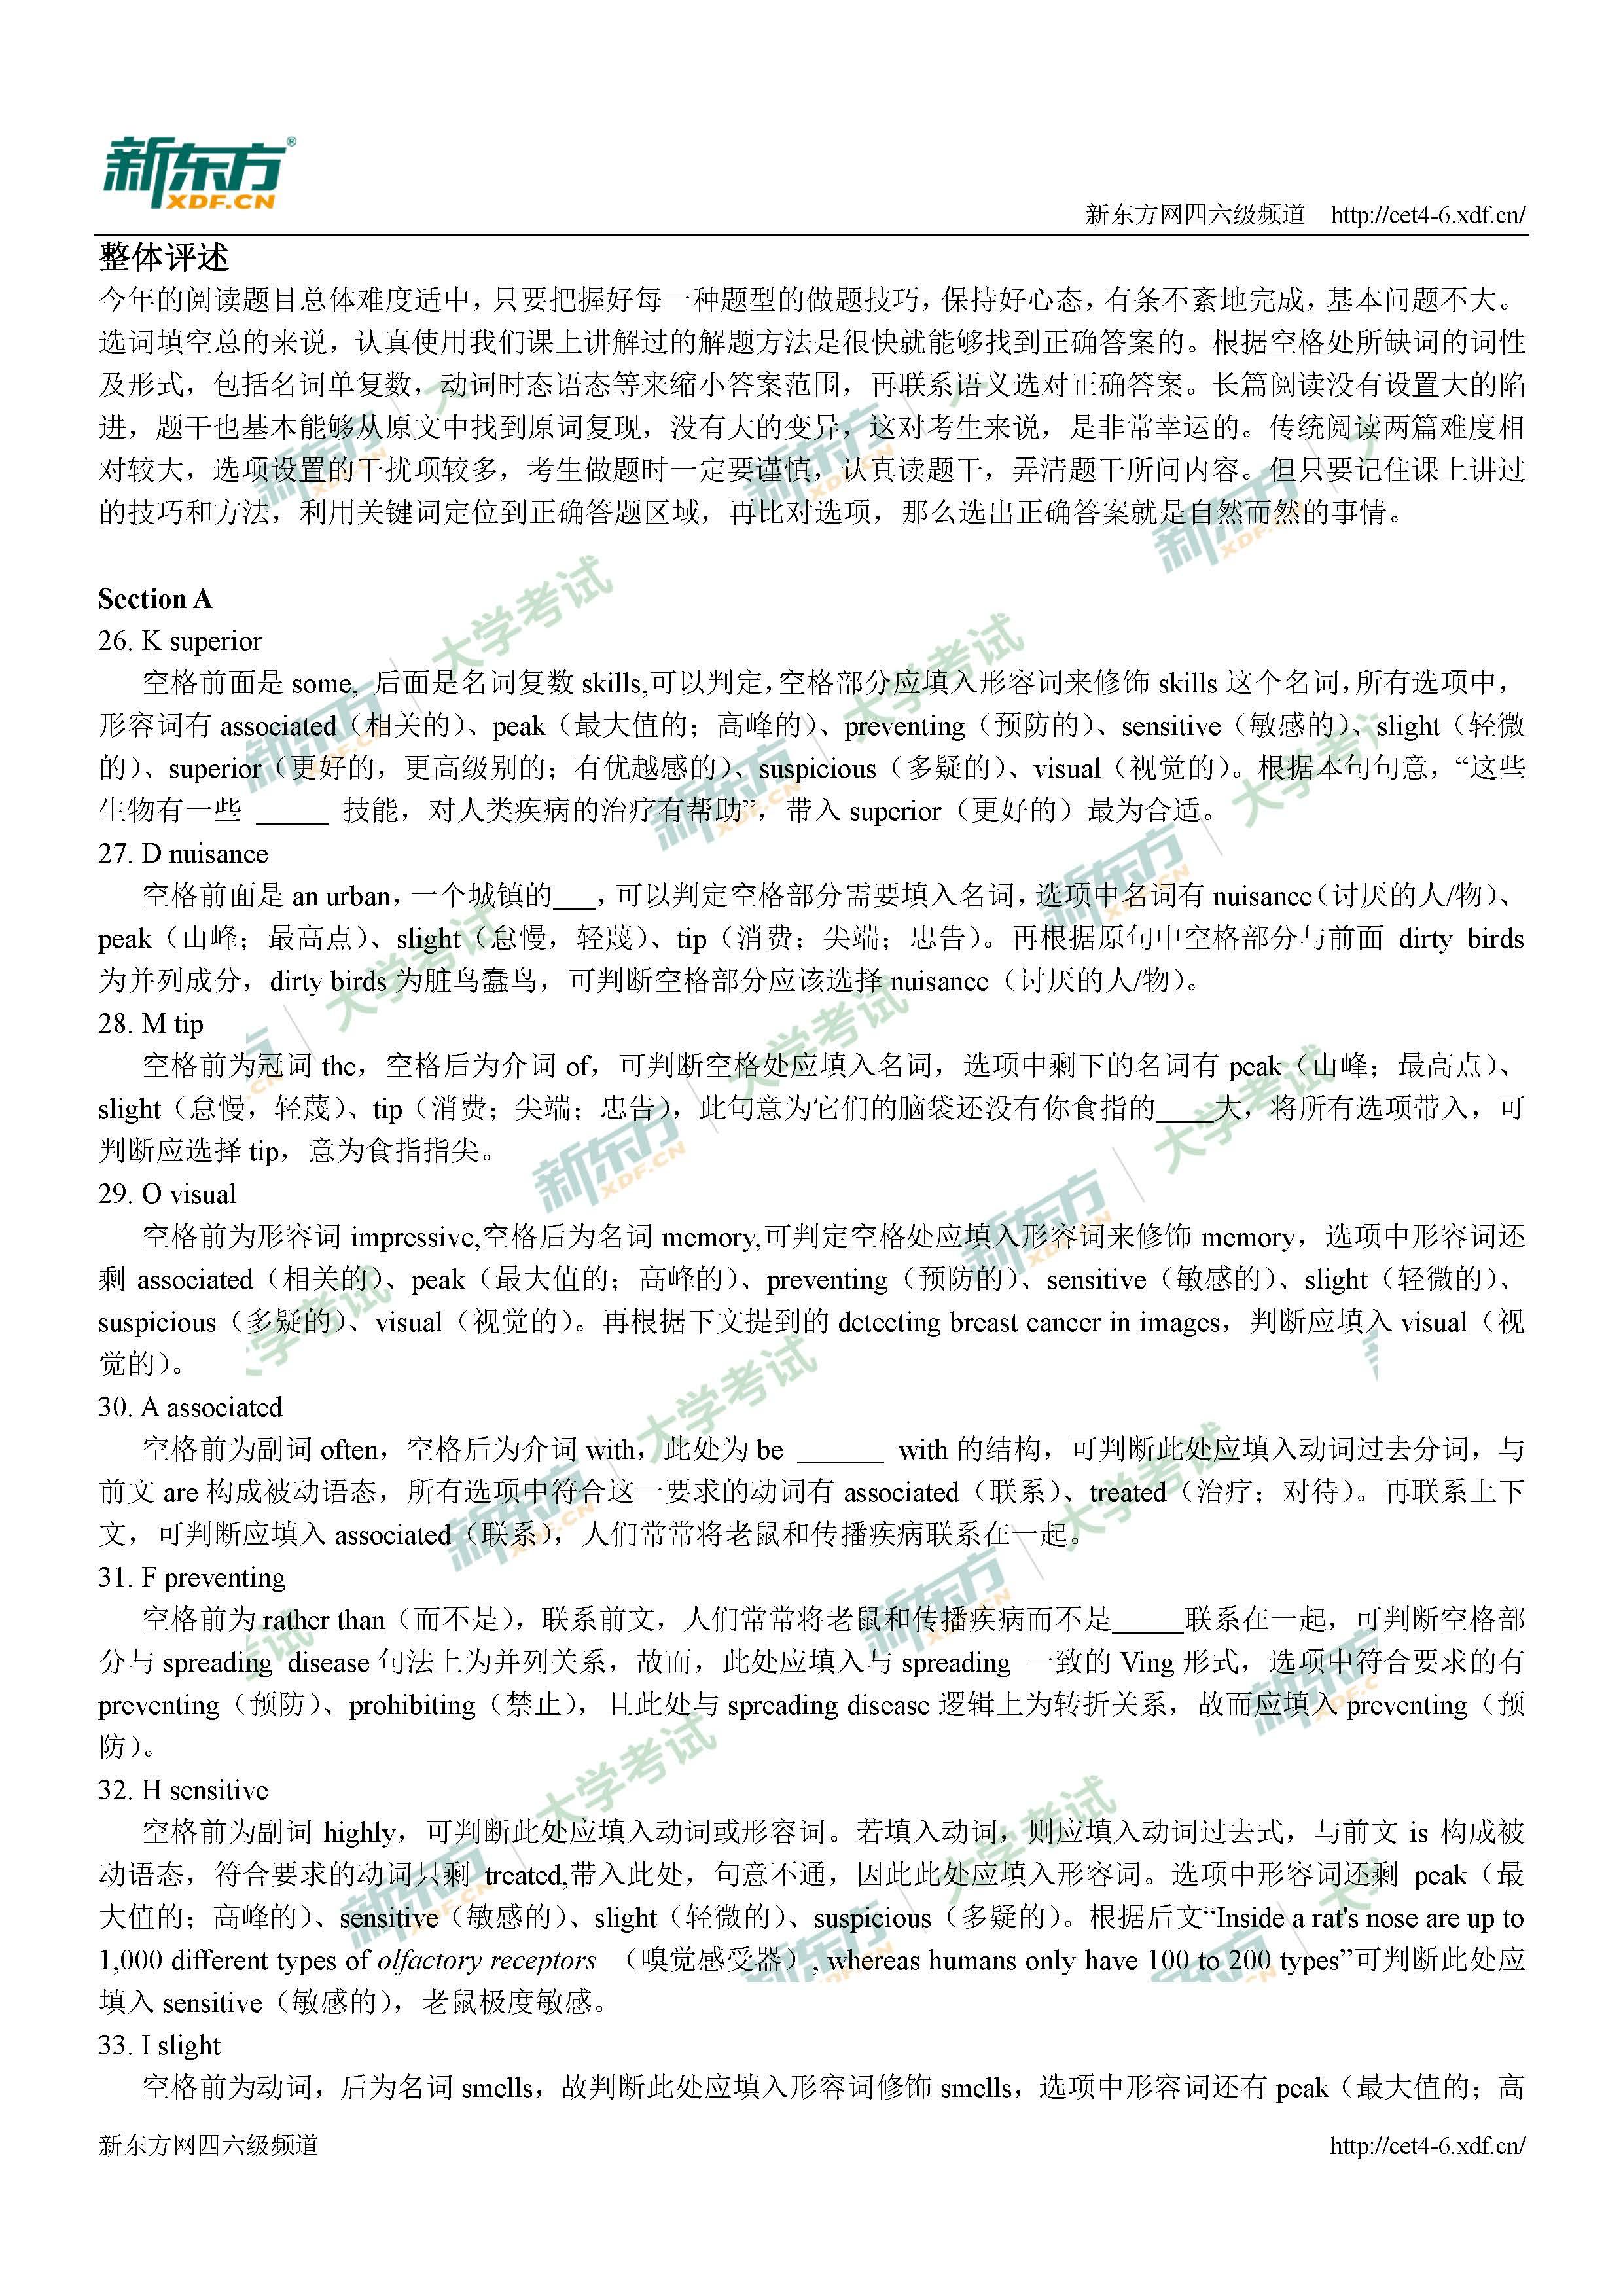 2017年12月英语四级阅读理解真题答案解析(福州新东方版)